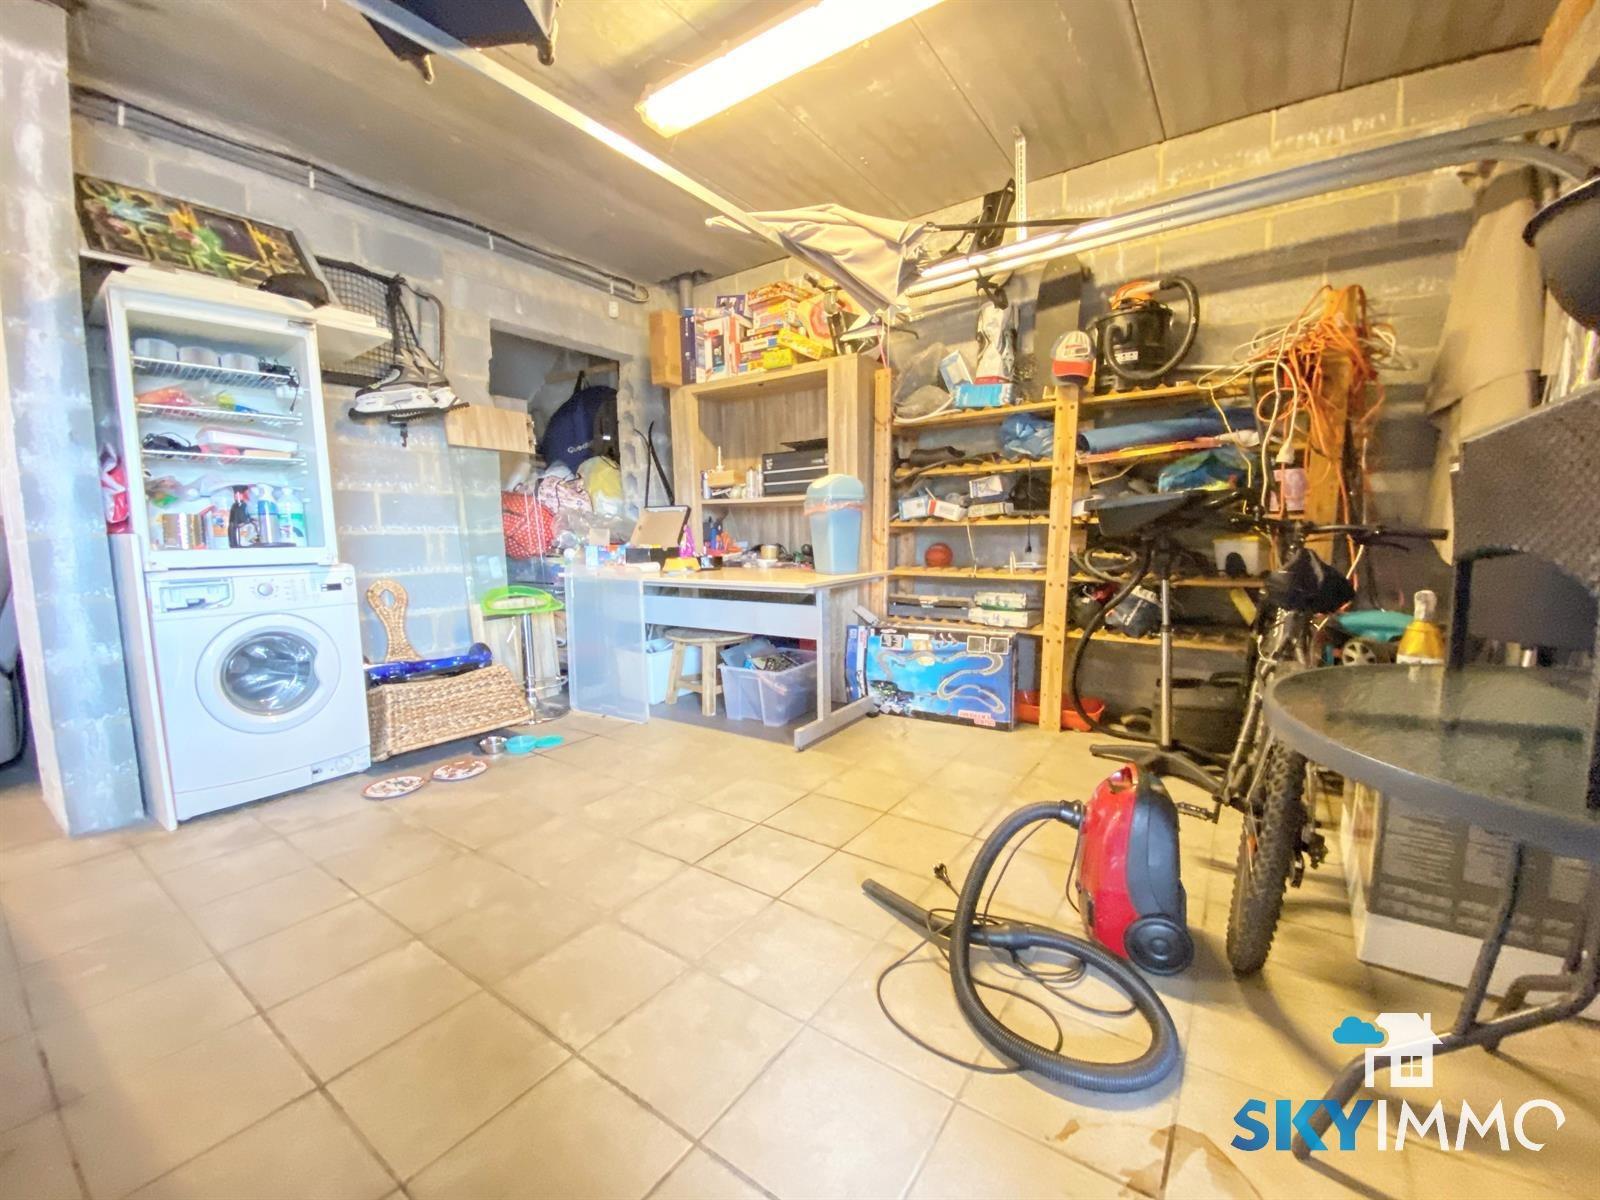 Maison - Liege - #4314599-30